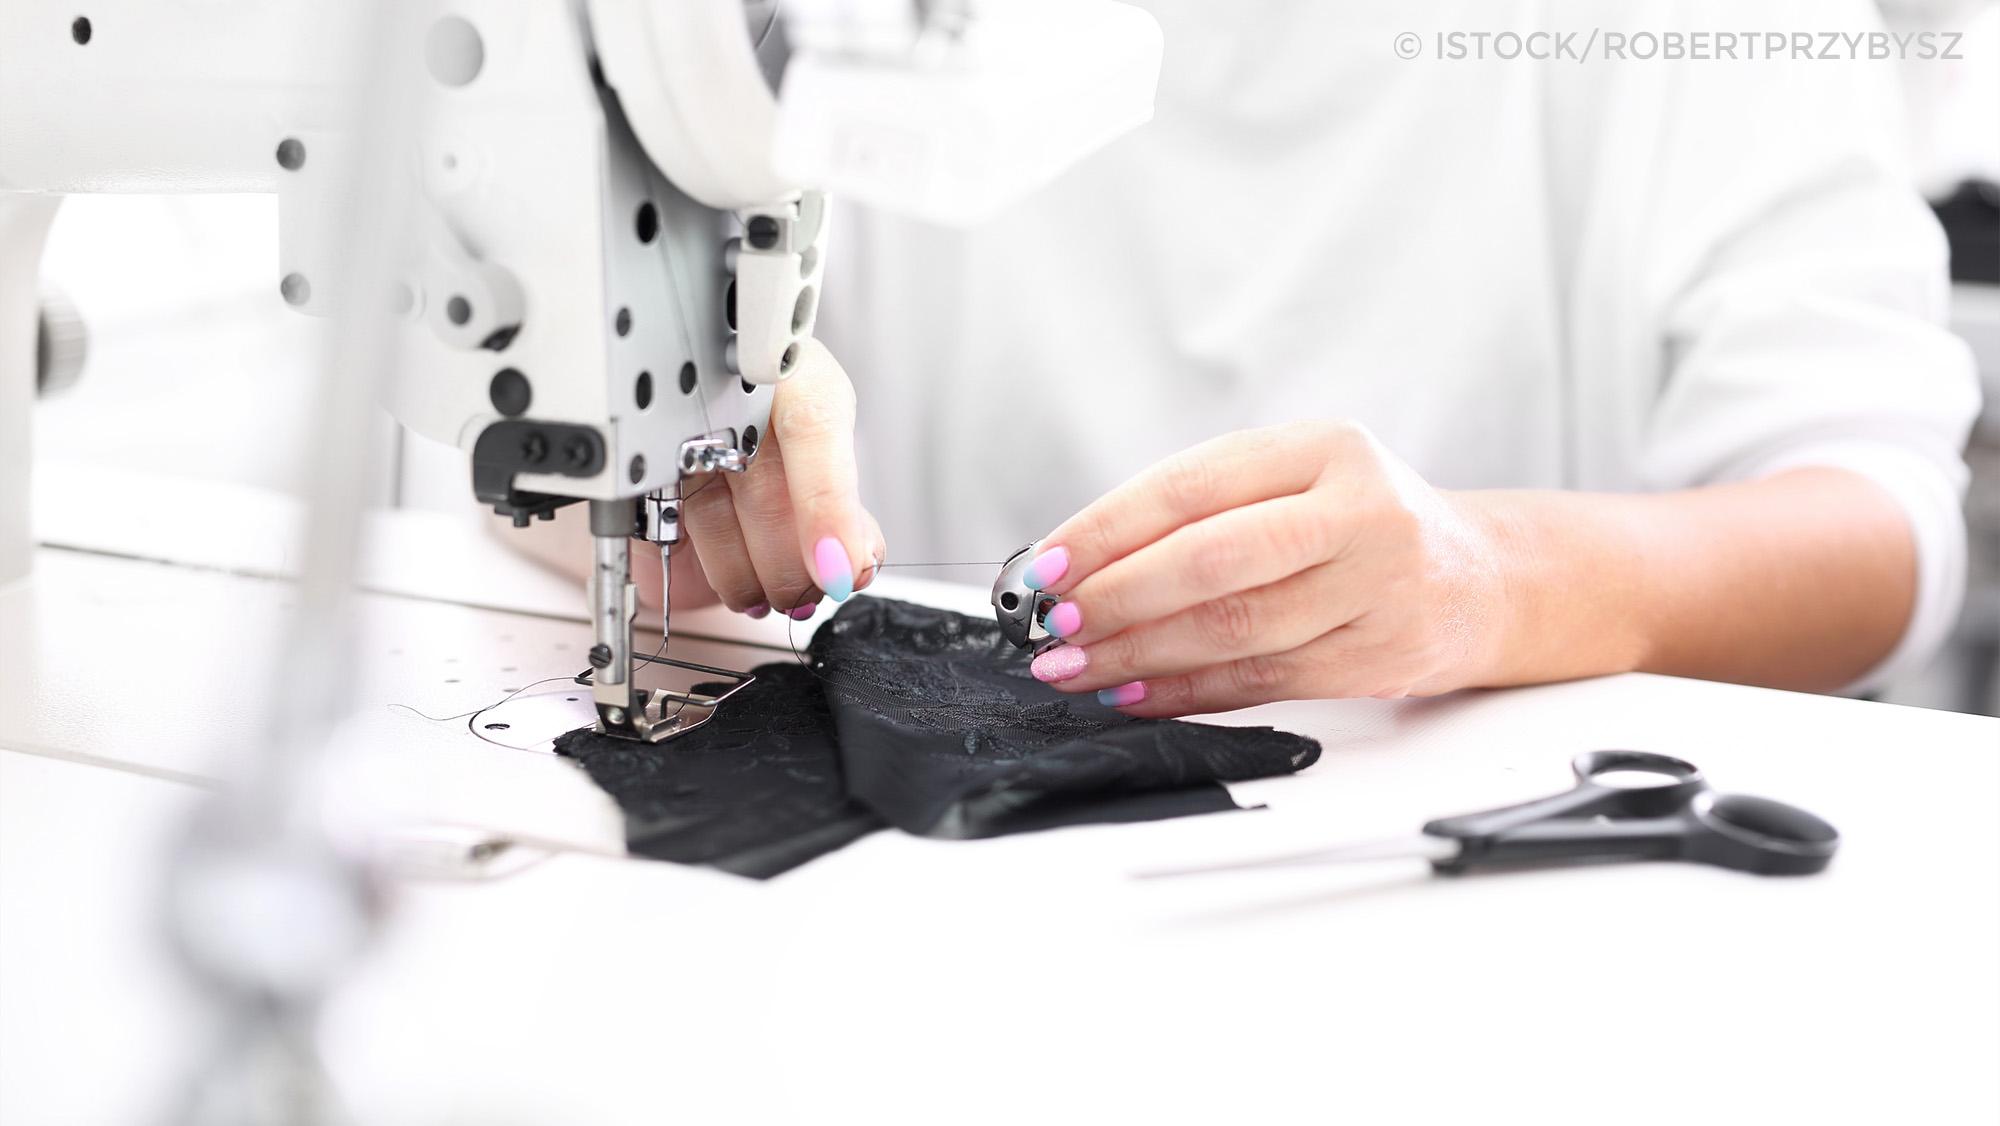 Frau mit Nähmaschine in der Textilindustrie